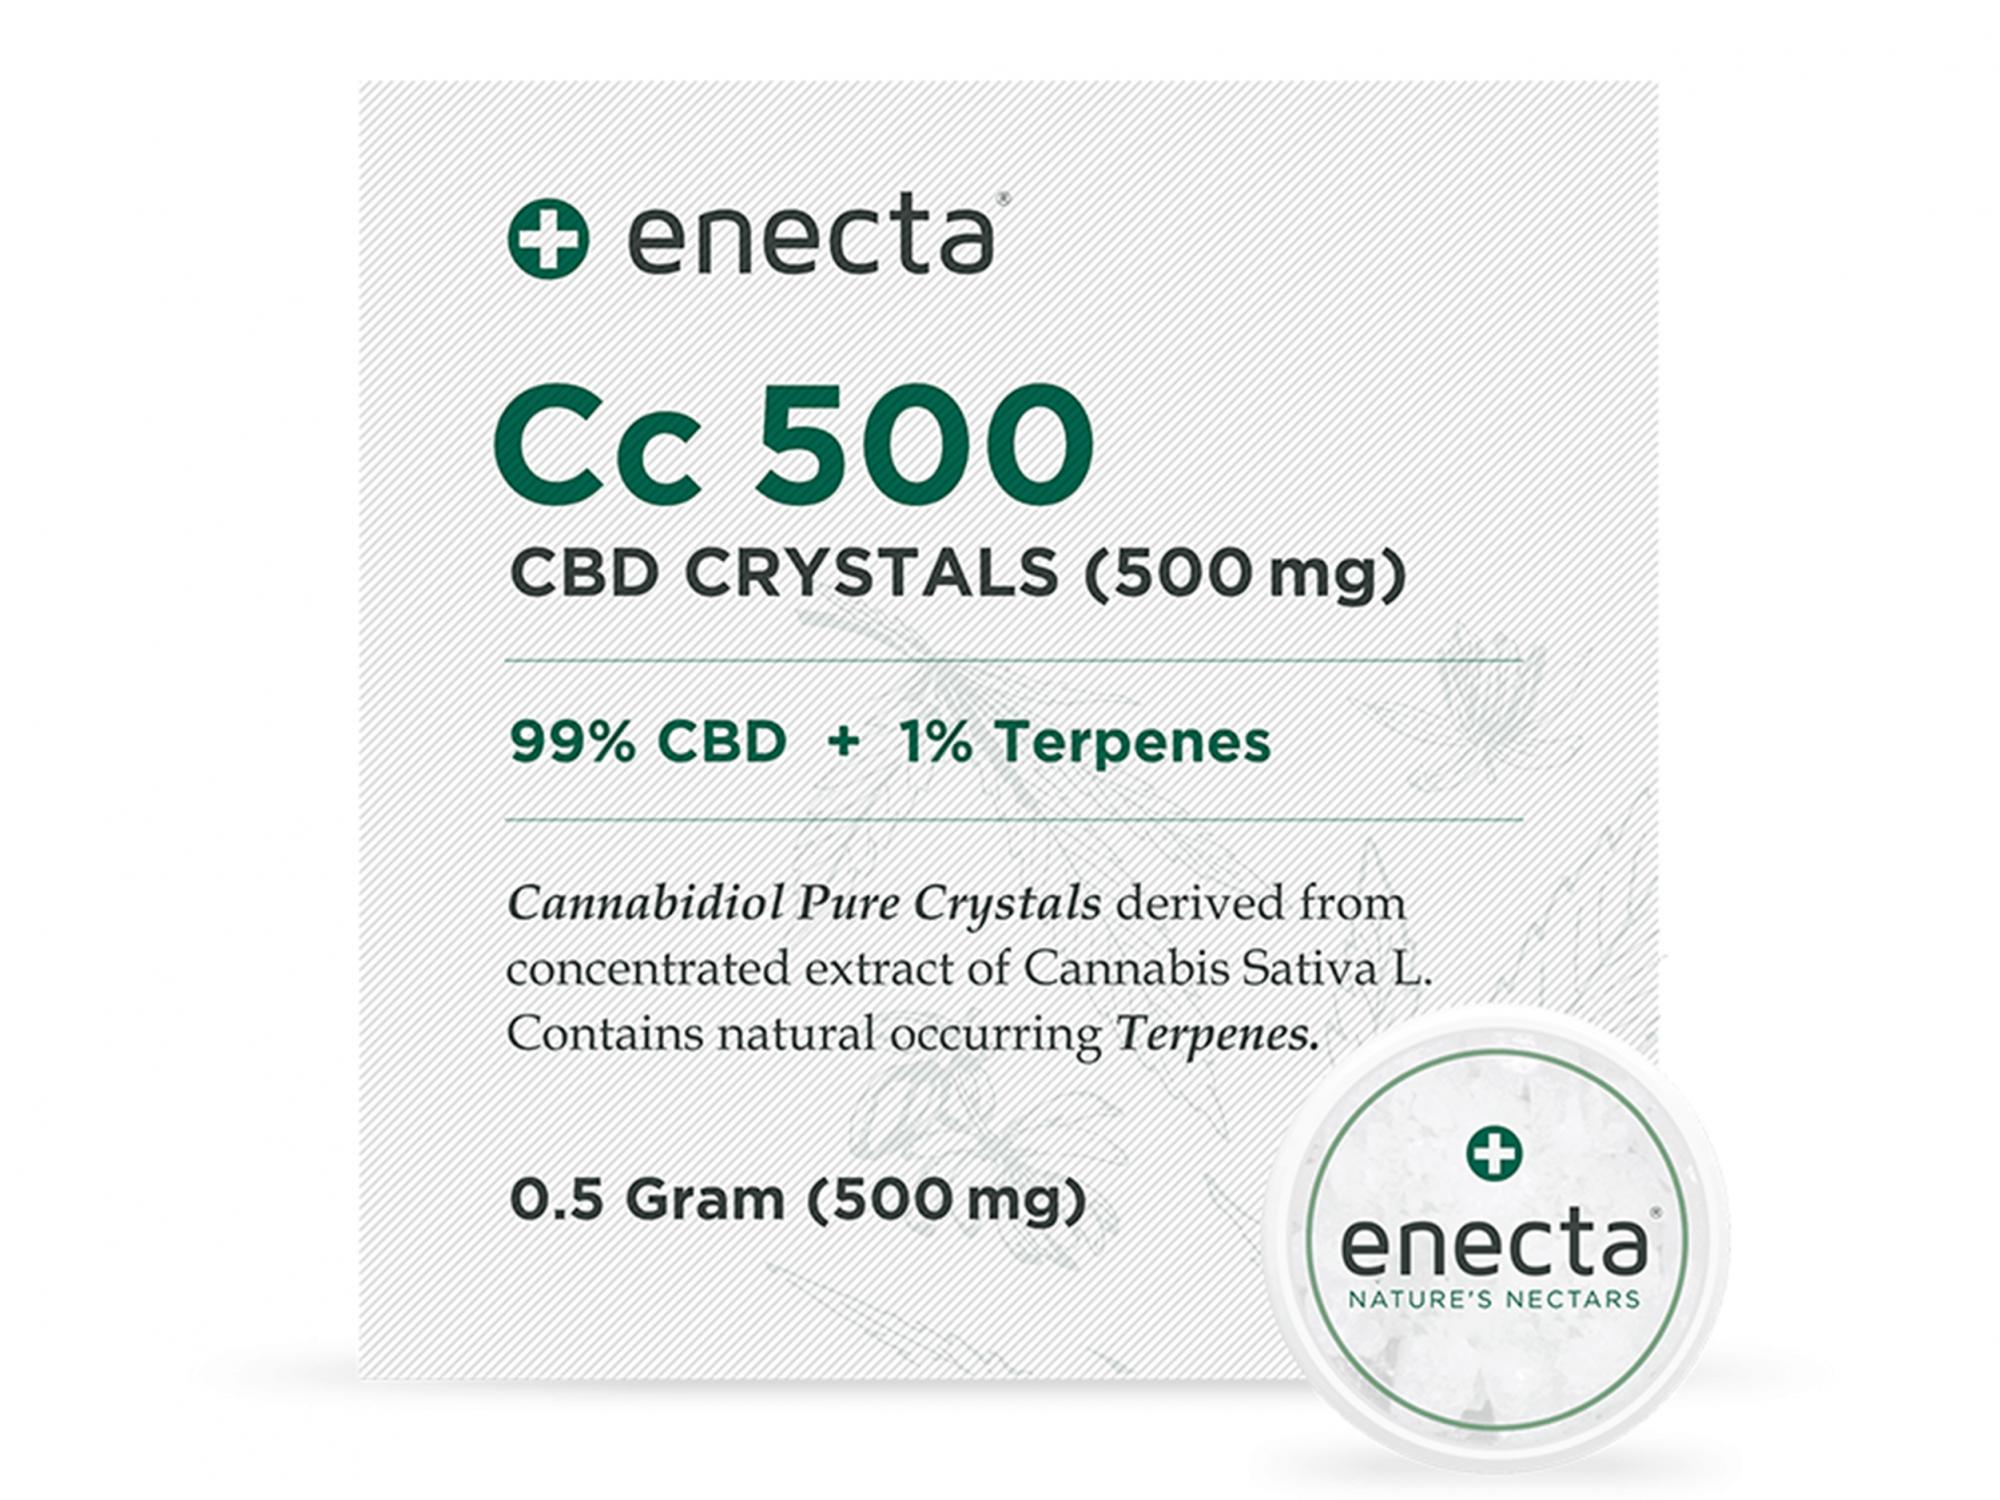 Enecta Cc500 - CBD Crystals 500mg